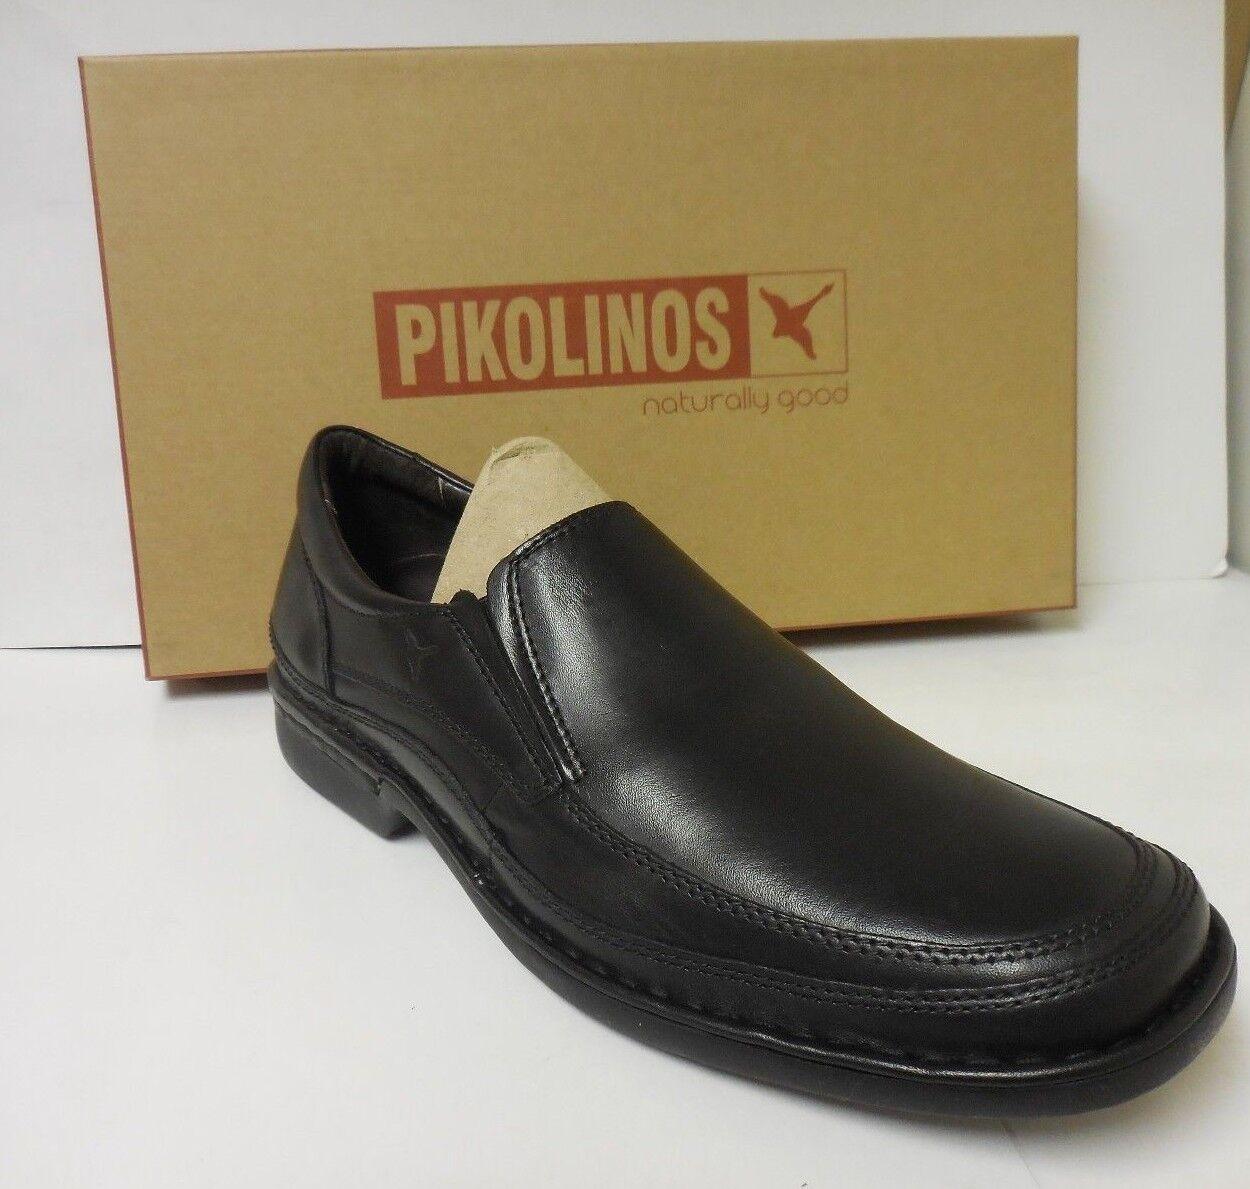 Pikolinos Chaussures Classique Homme en Cuir Noir Mocassins 08f5017 Tailles 42